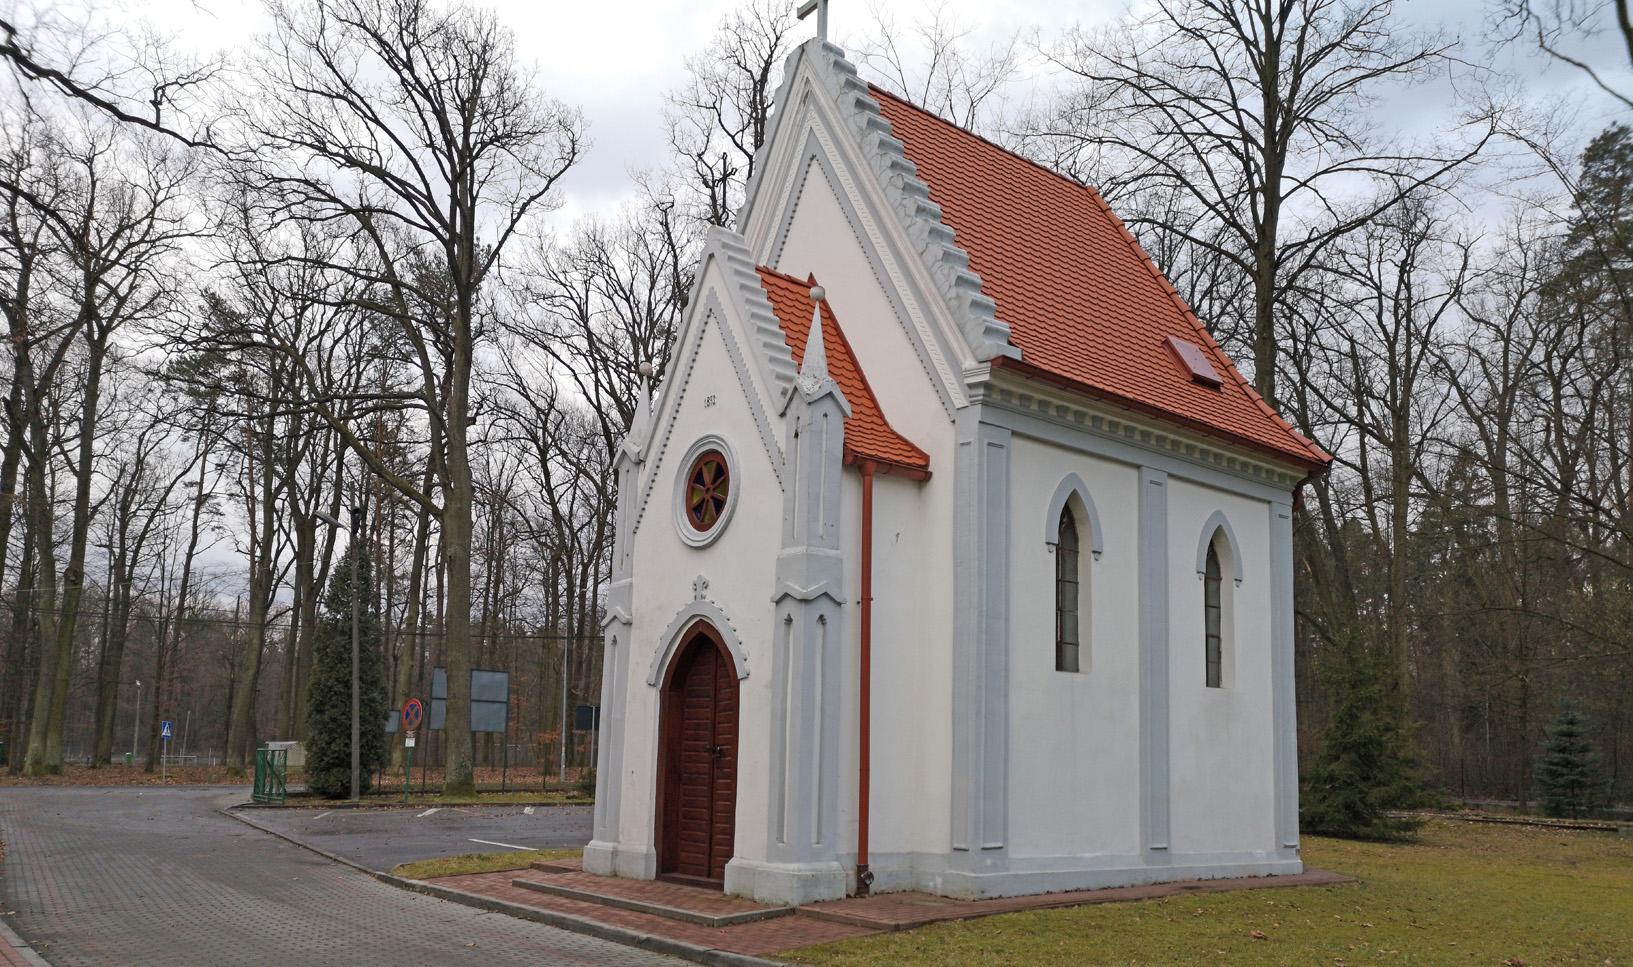 Po niespełna 12 latach zabytkowa kaplica w Weryni znów będzie remontowana [FOTO] - Zdjęcie główne